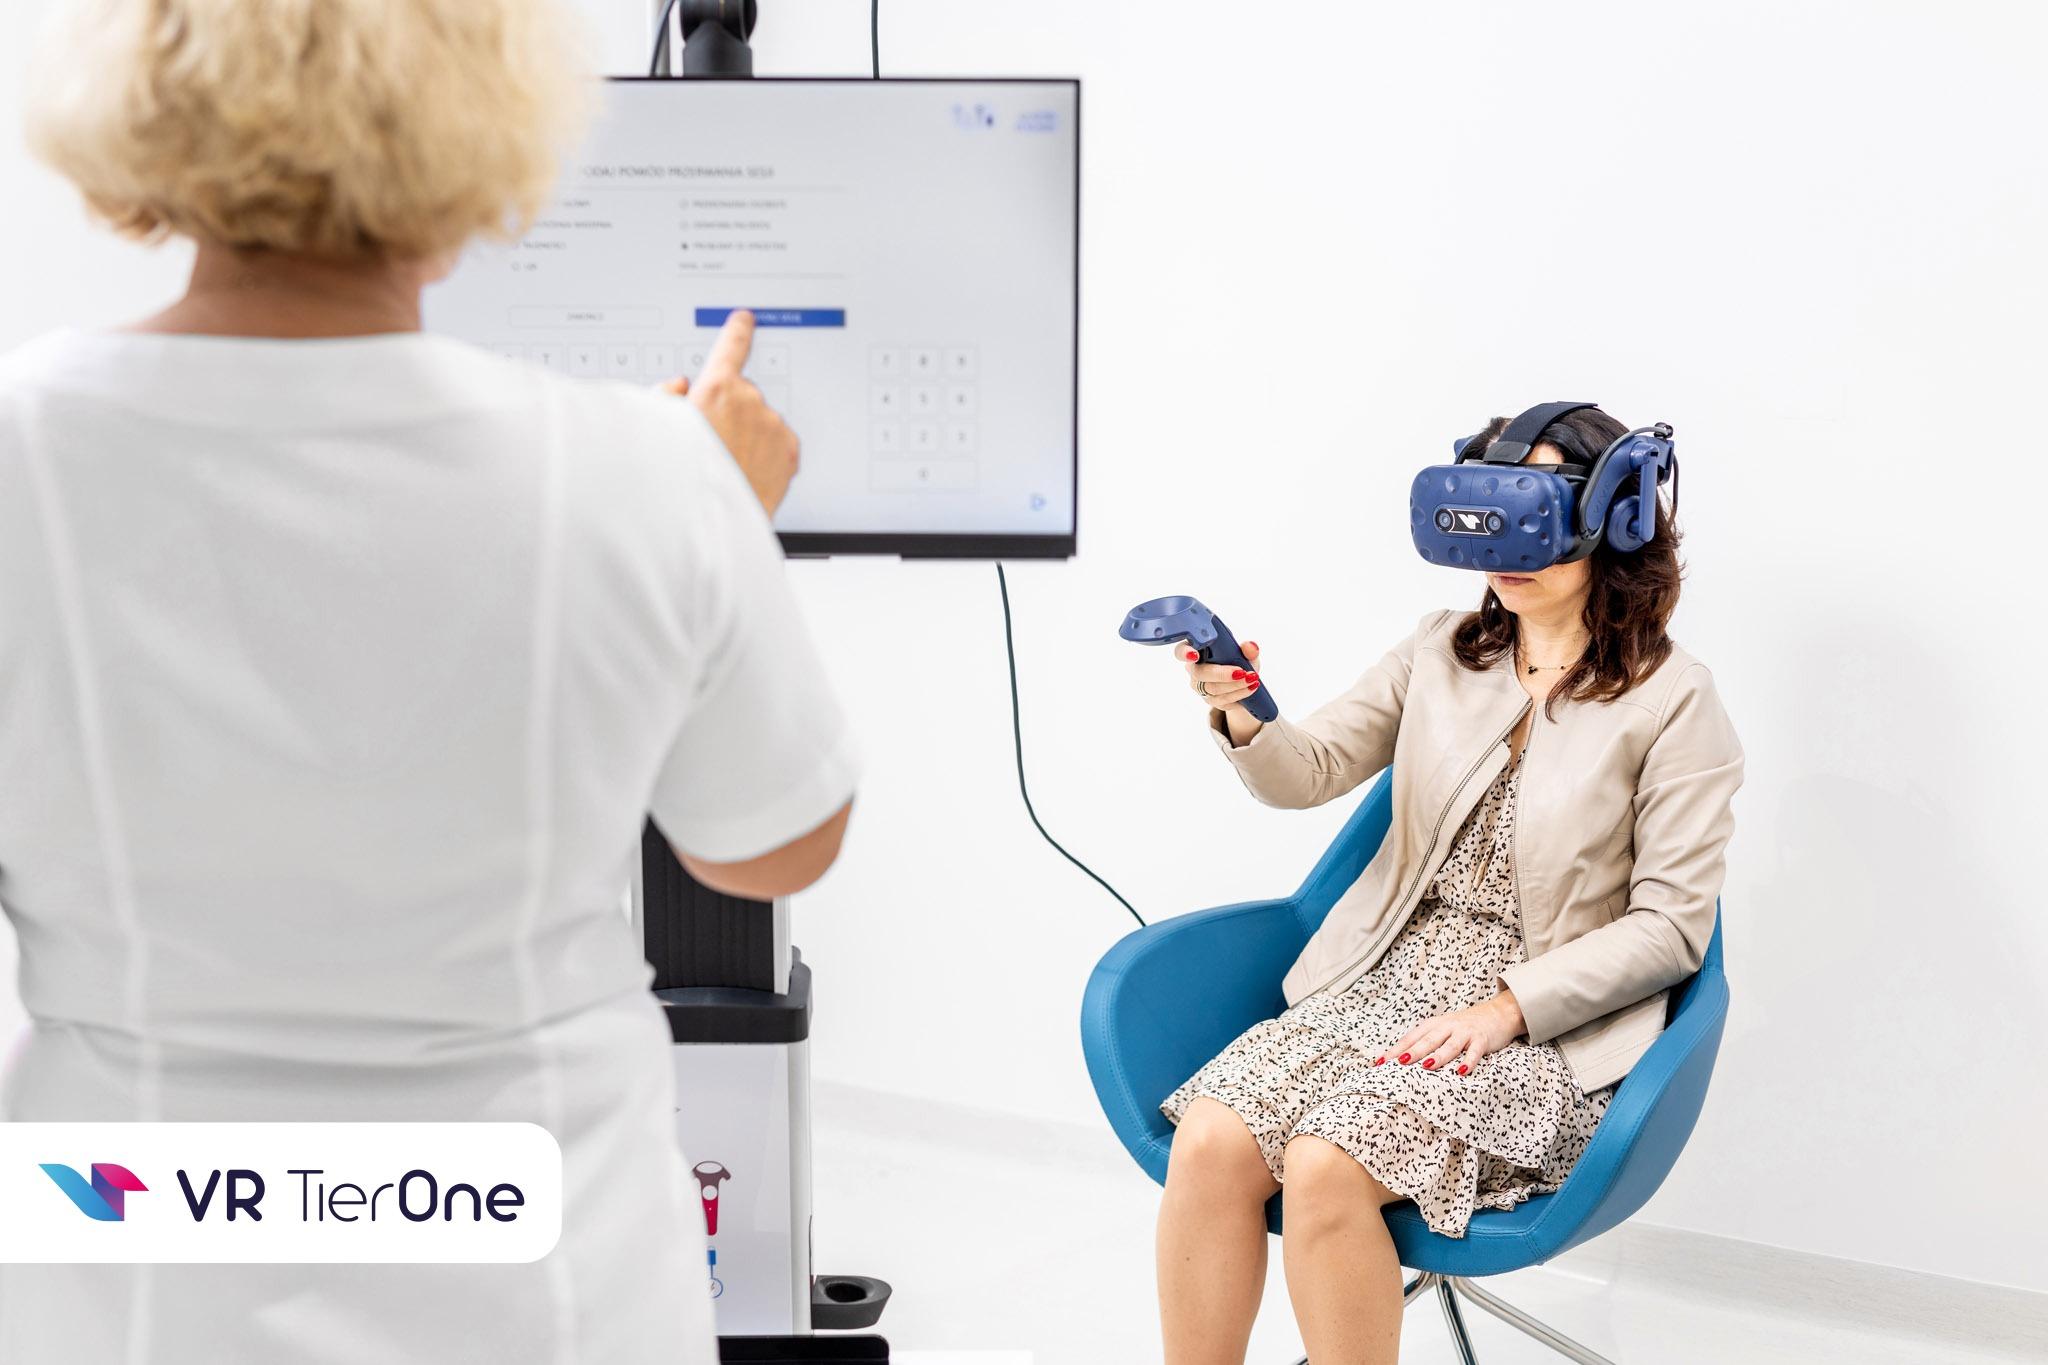 W jaki sposób pracować z VR TierOne?